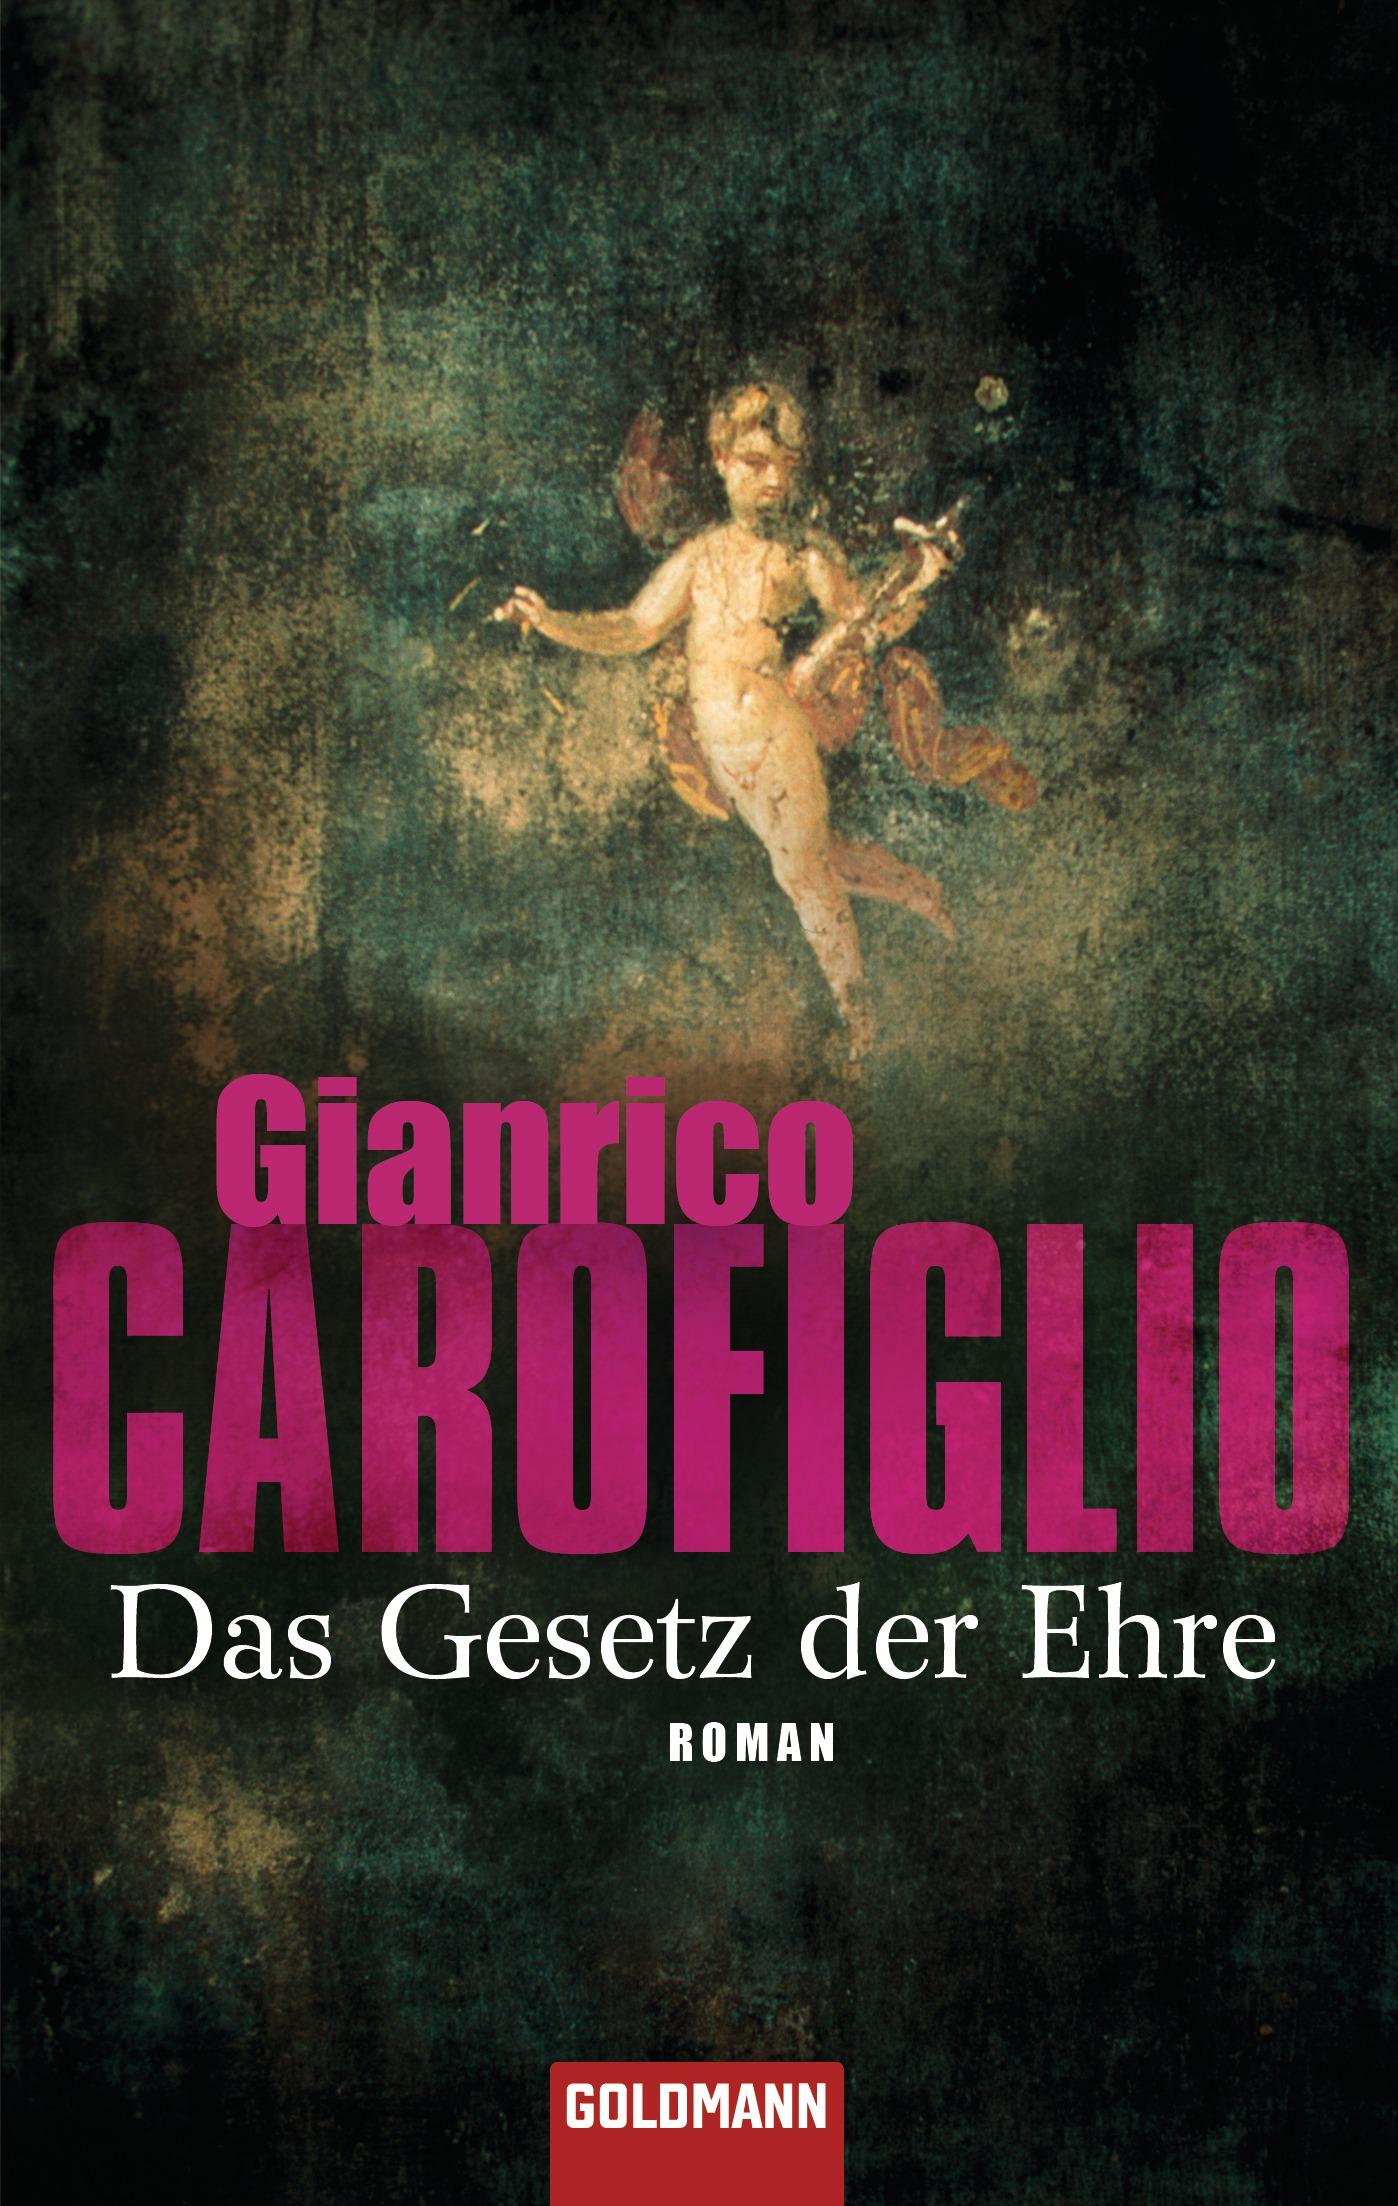 Das Gesetz der Ehre - Gianrico Carofiglio